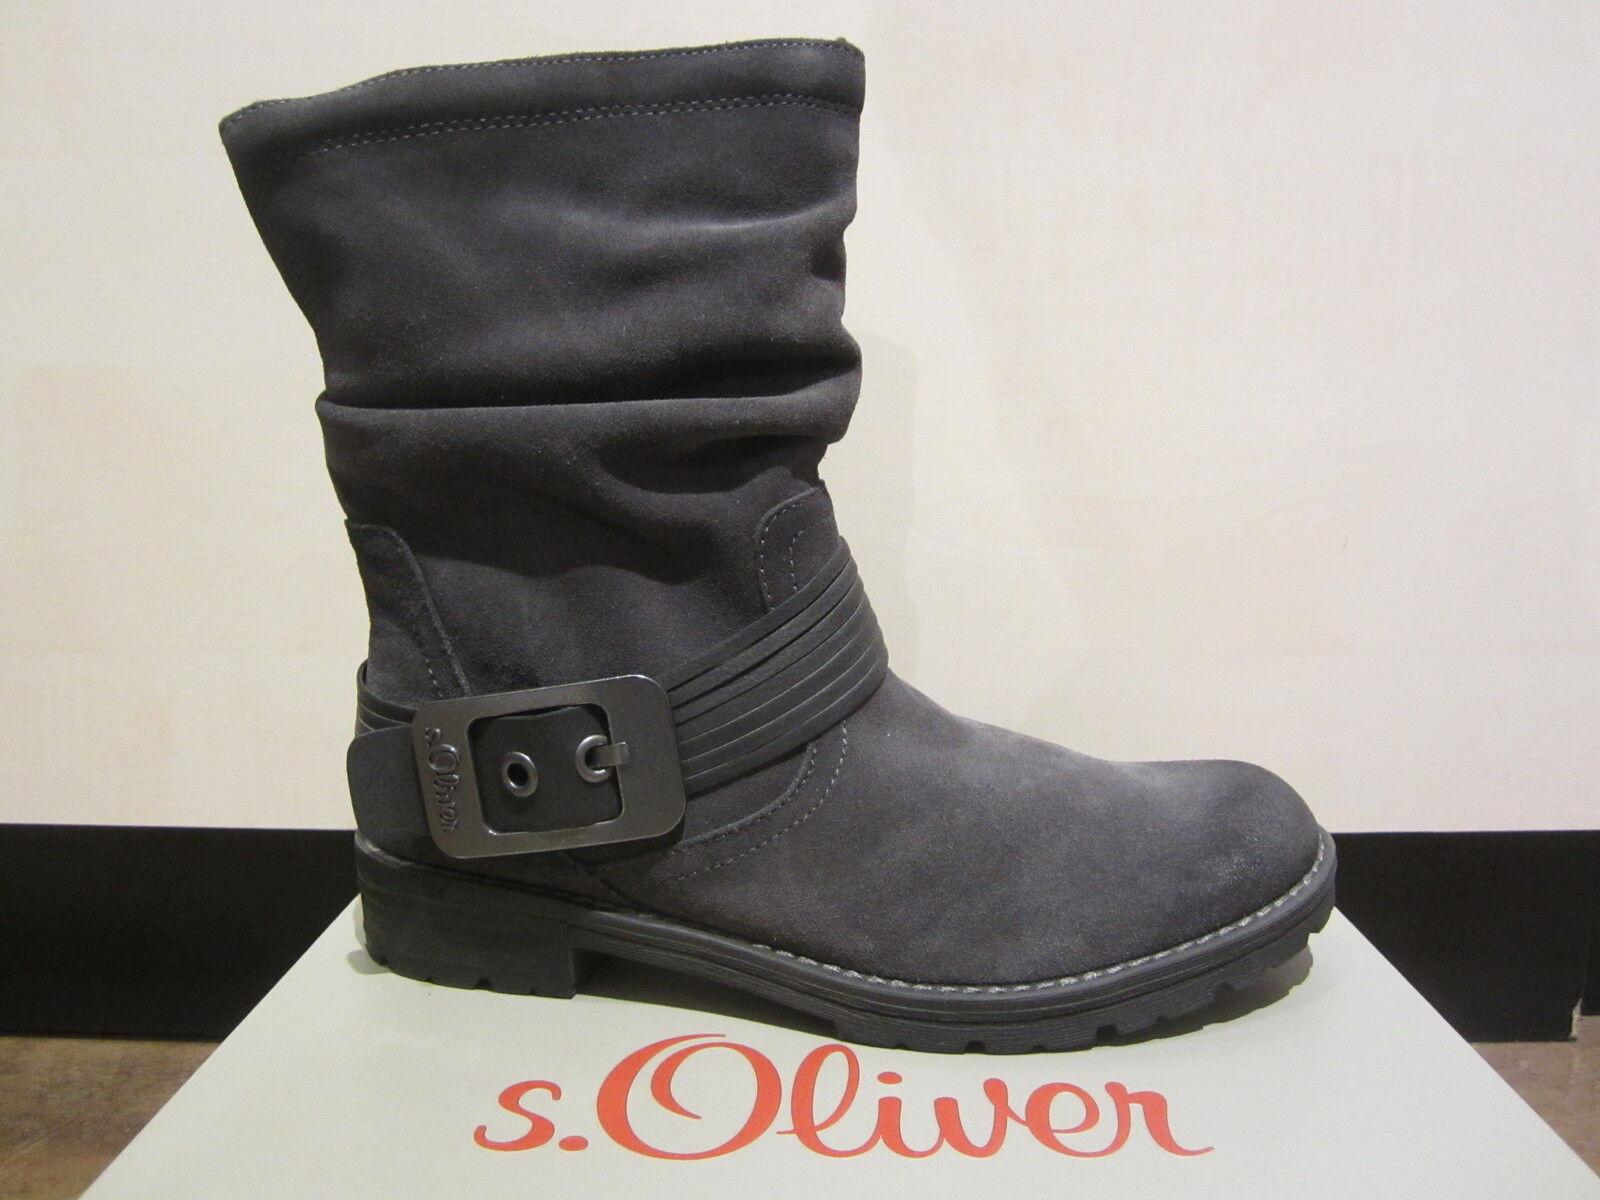 Grandes zapatos con descuento s. Oliver Botas, Botines, botas, gris oscuro, Ligero Forrado NUEVO